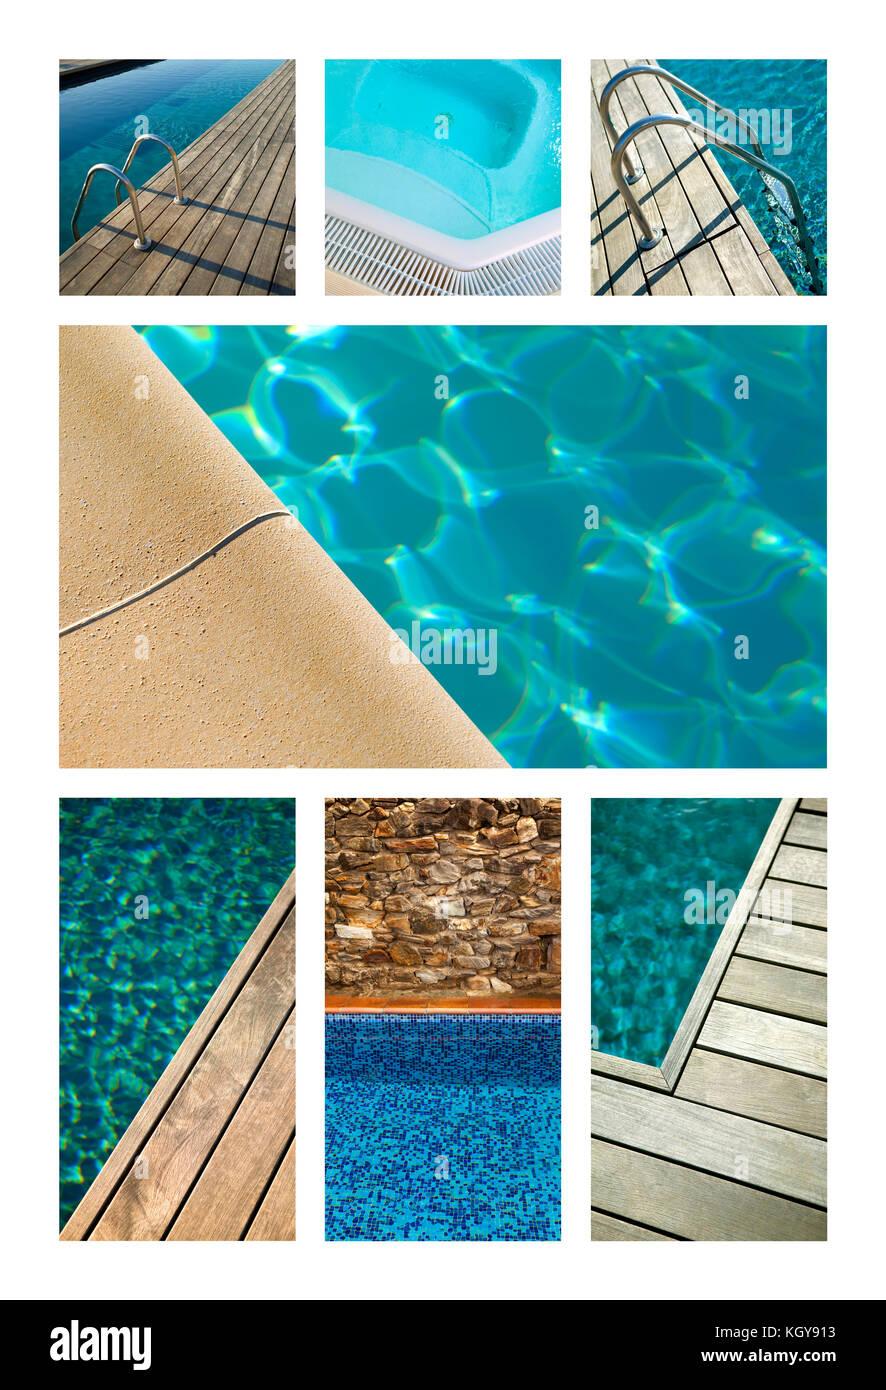 Jacuzzis Stock Photos & Jacuzzis Stock Images - Alamy